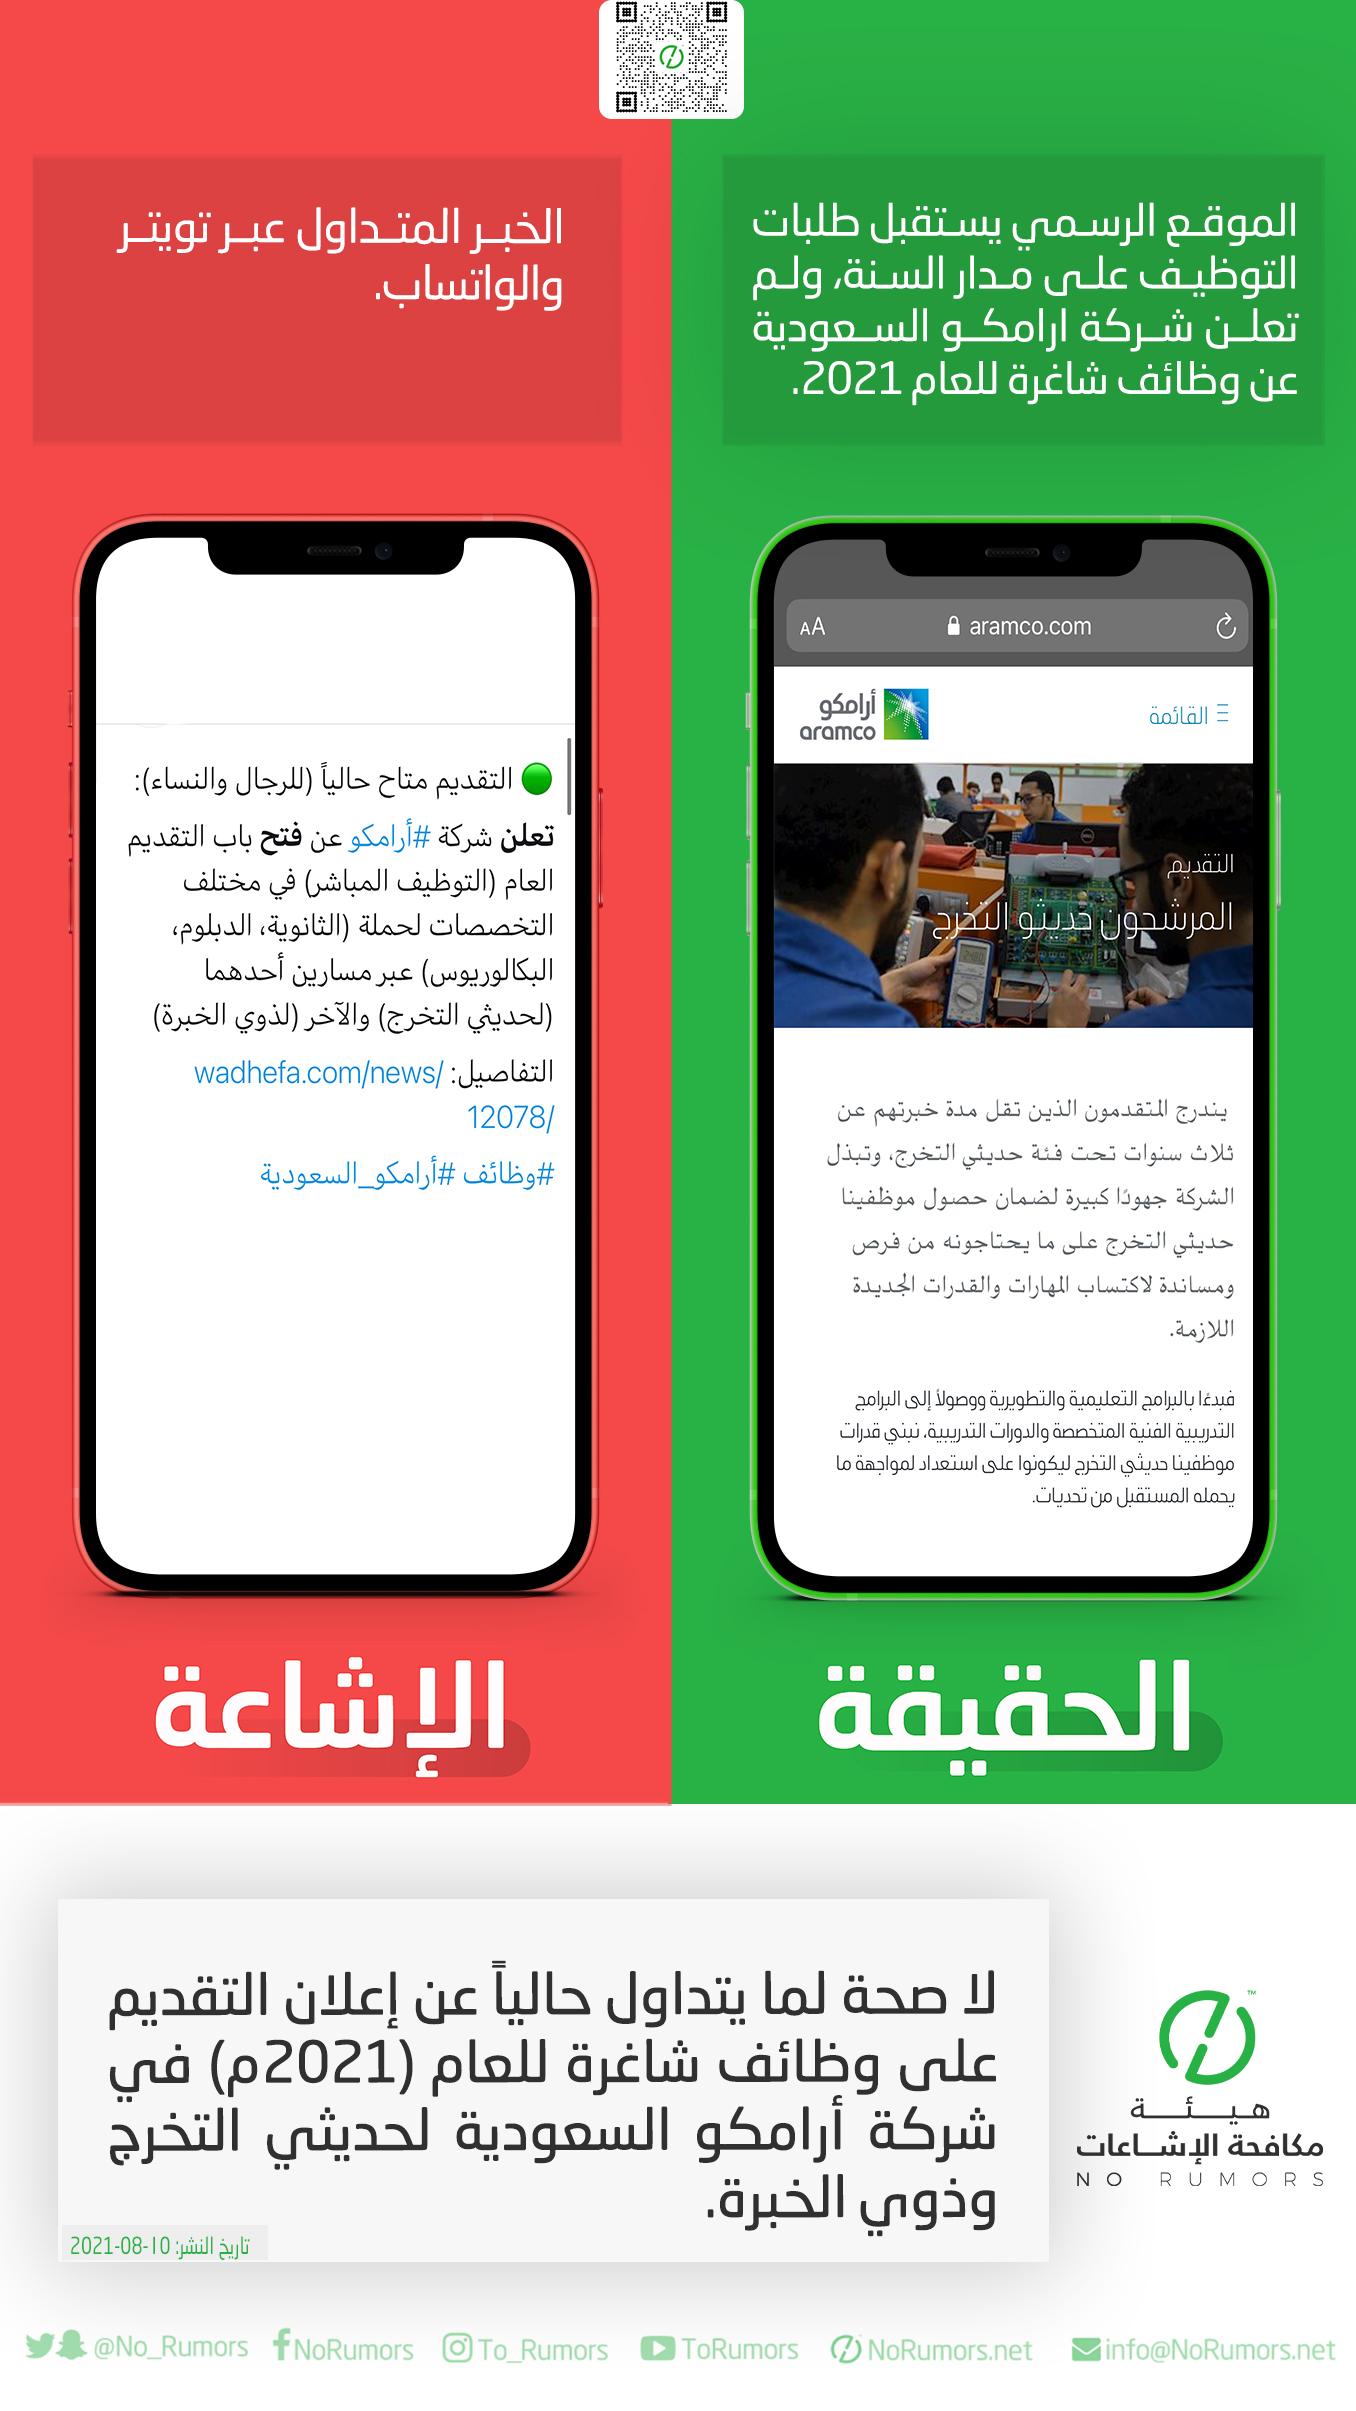 حقيقة ما يتداول حالياً عن إعلان التقديم على وظائف شاغرة للعام (2021م) في شركة أرامكو السعودية